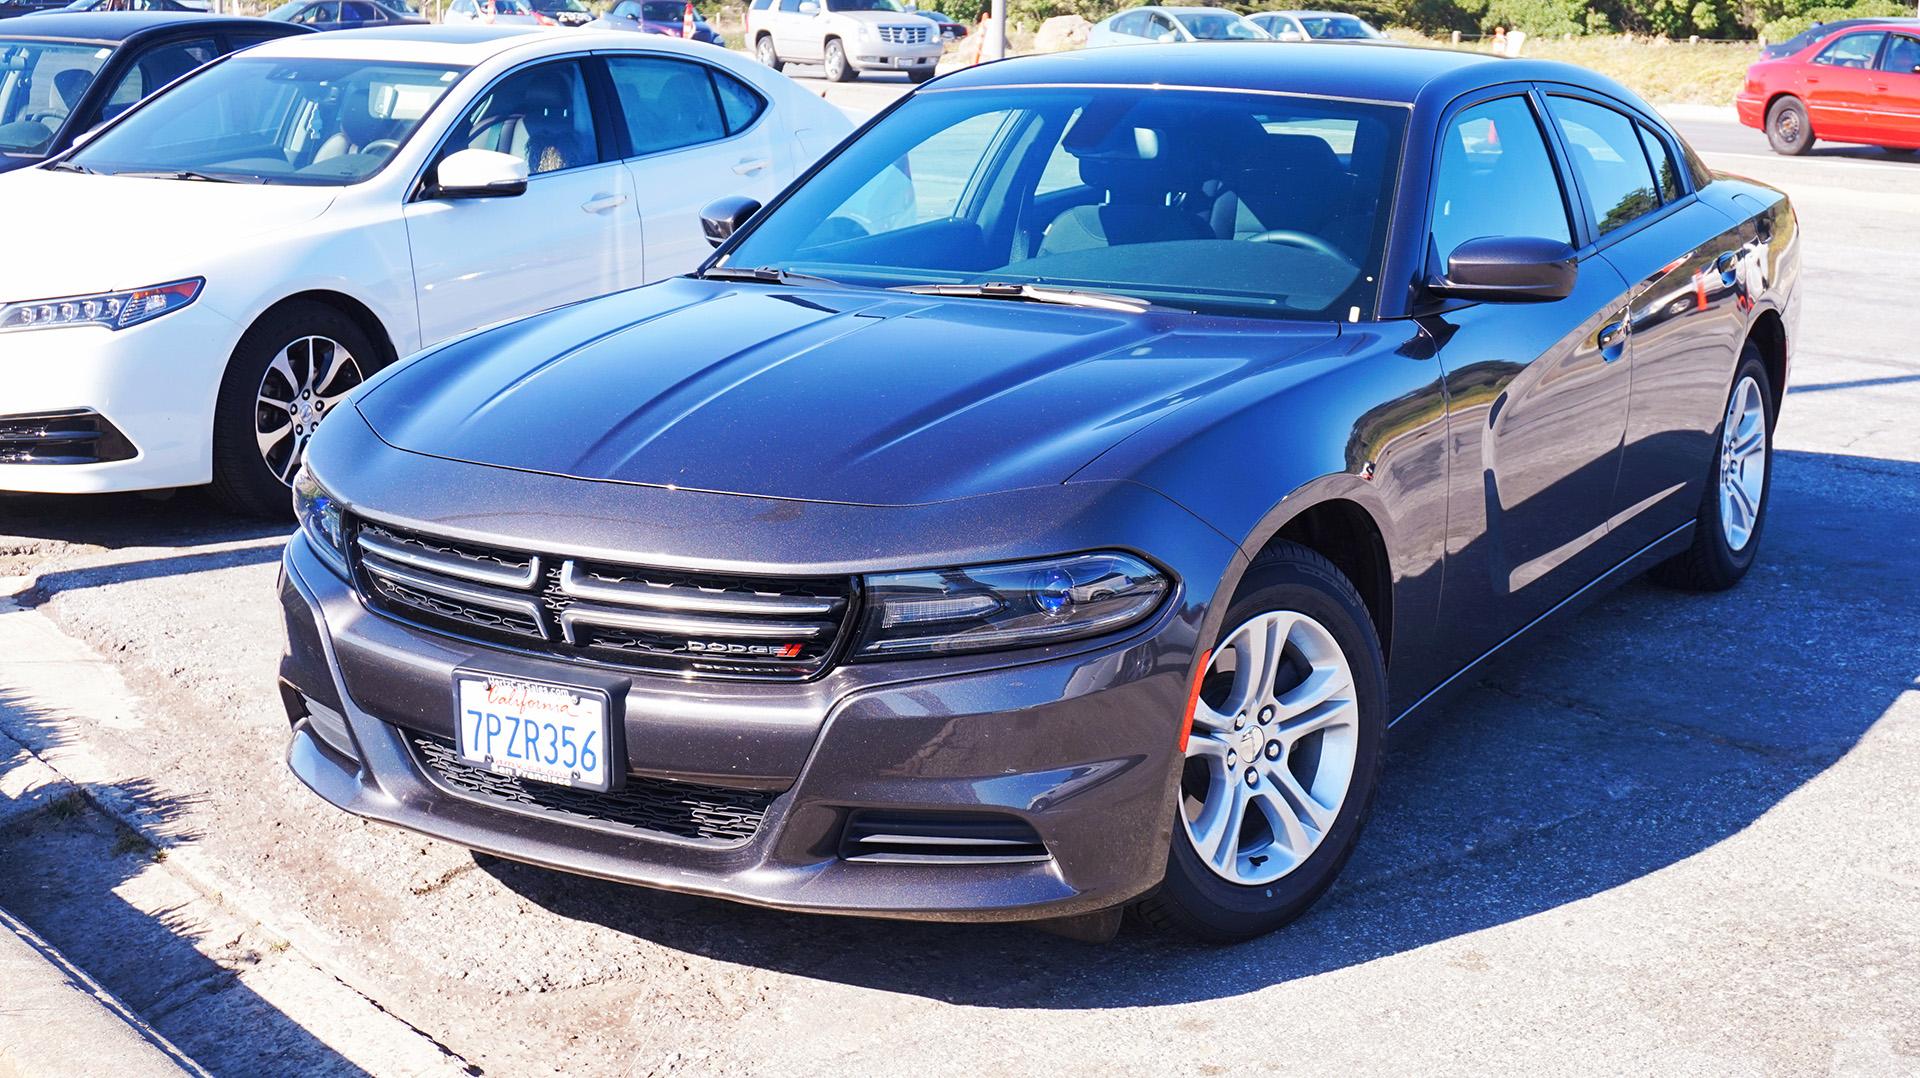 Nasz Dodge Charger wypożyczony w USA | Sway the way